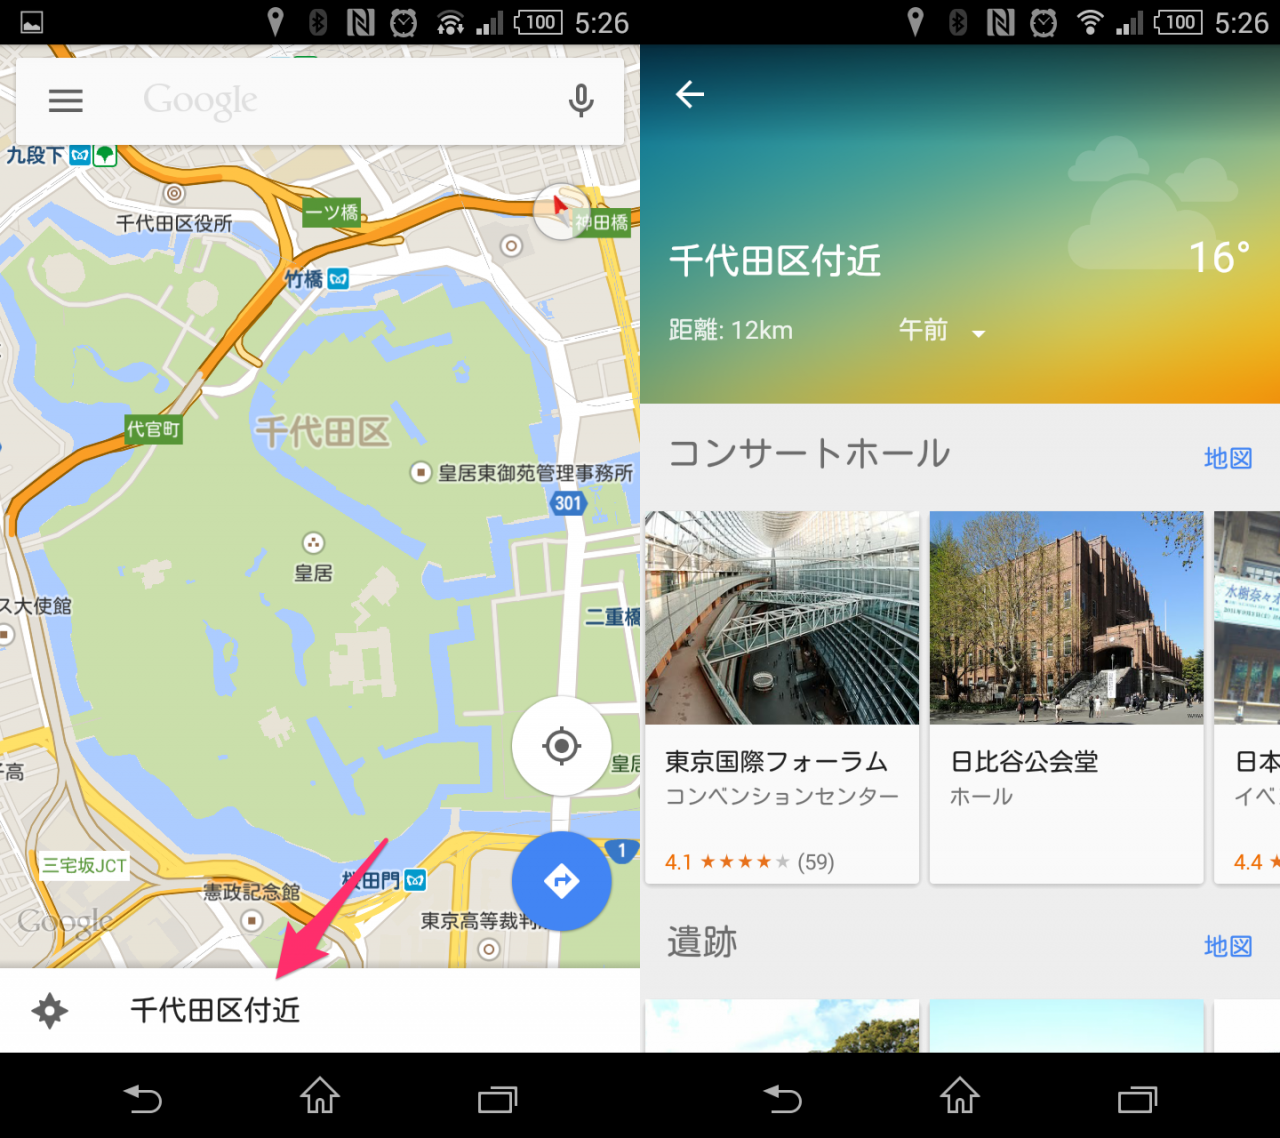 googlemap 2